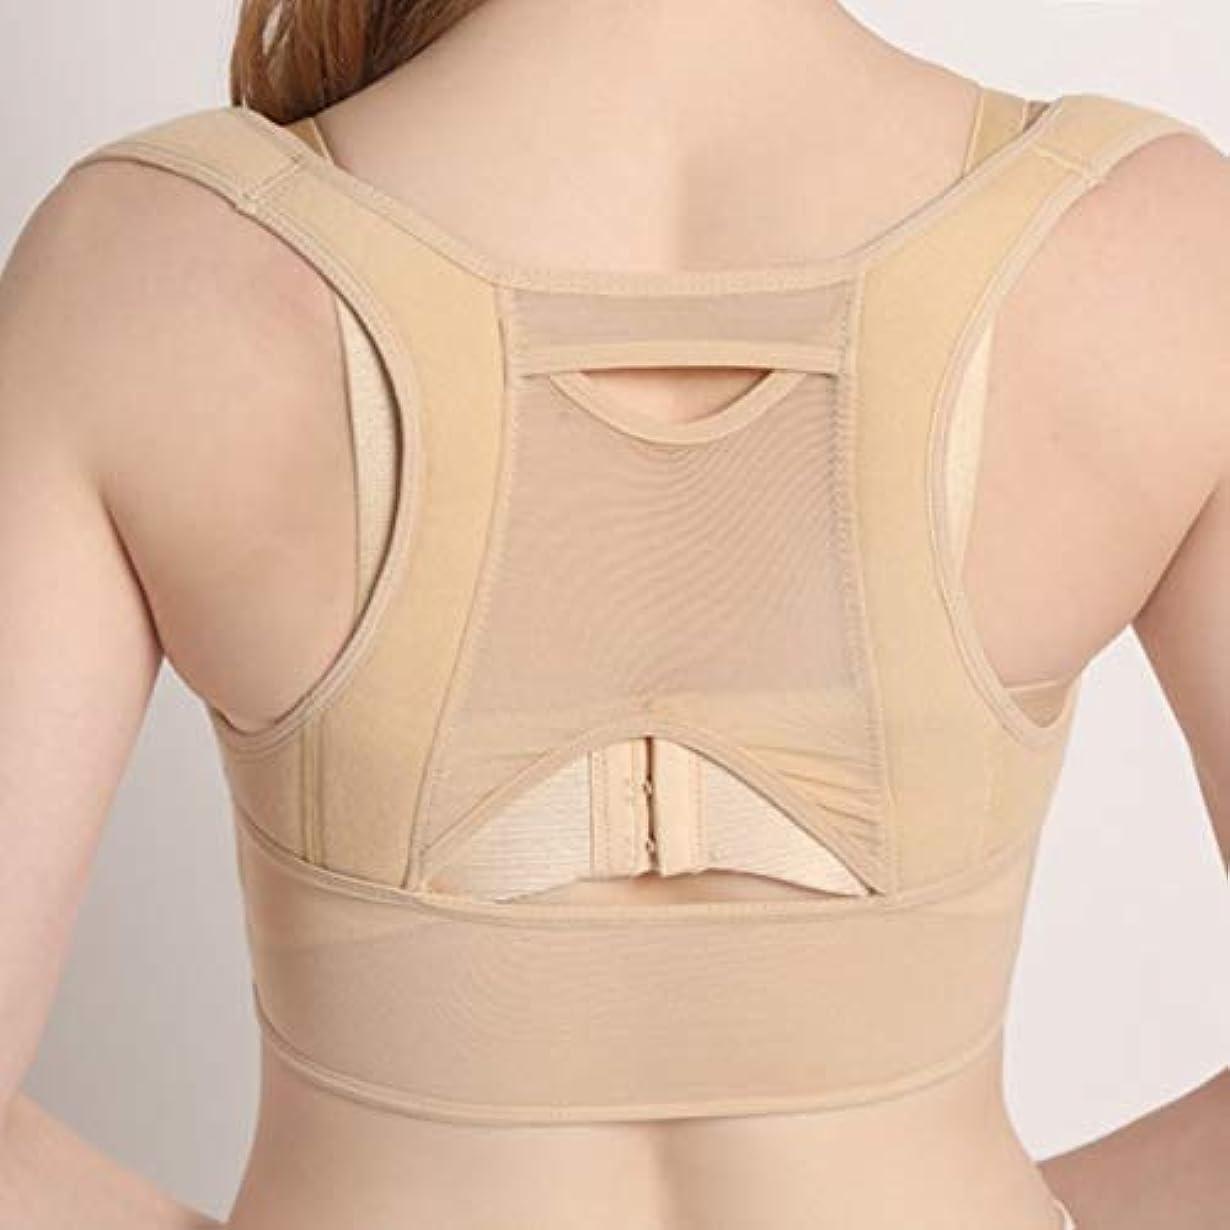 アーティスト従うヨーグルトインターコアリーボディーコレクション 女性背部姿勢矯正コルセット整形外科肩こり脊椎姿勢矯正腰椎サポート